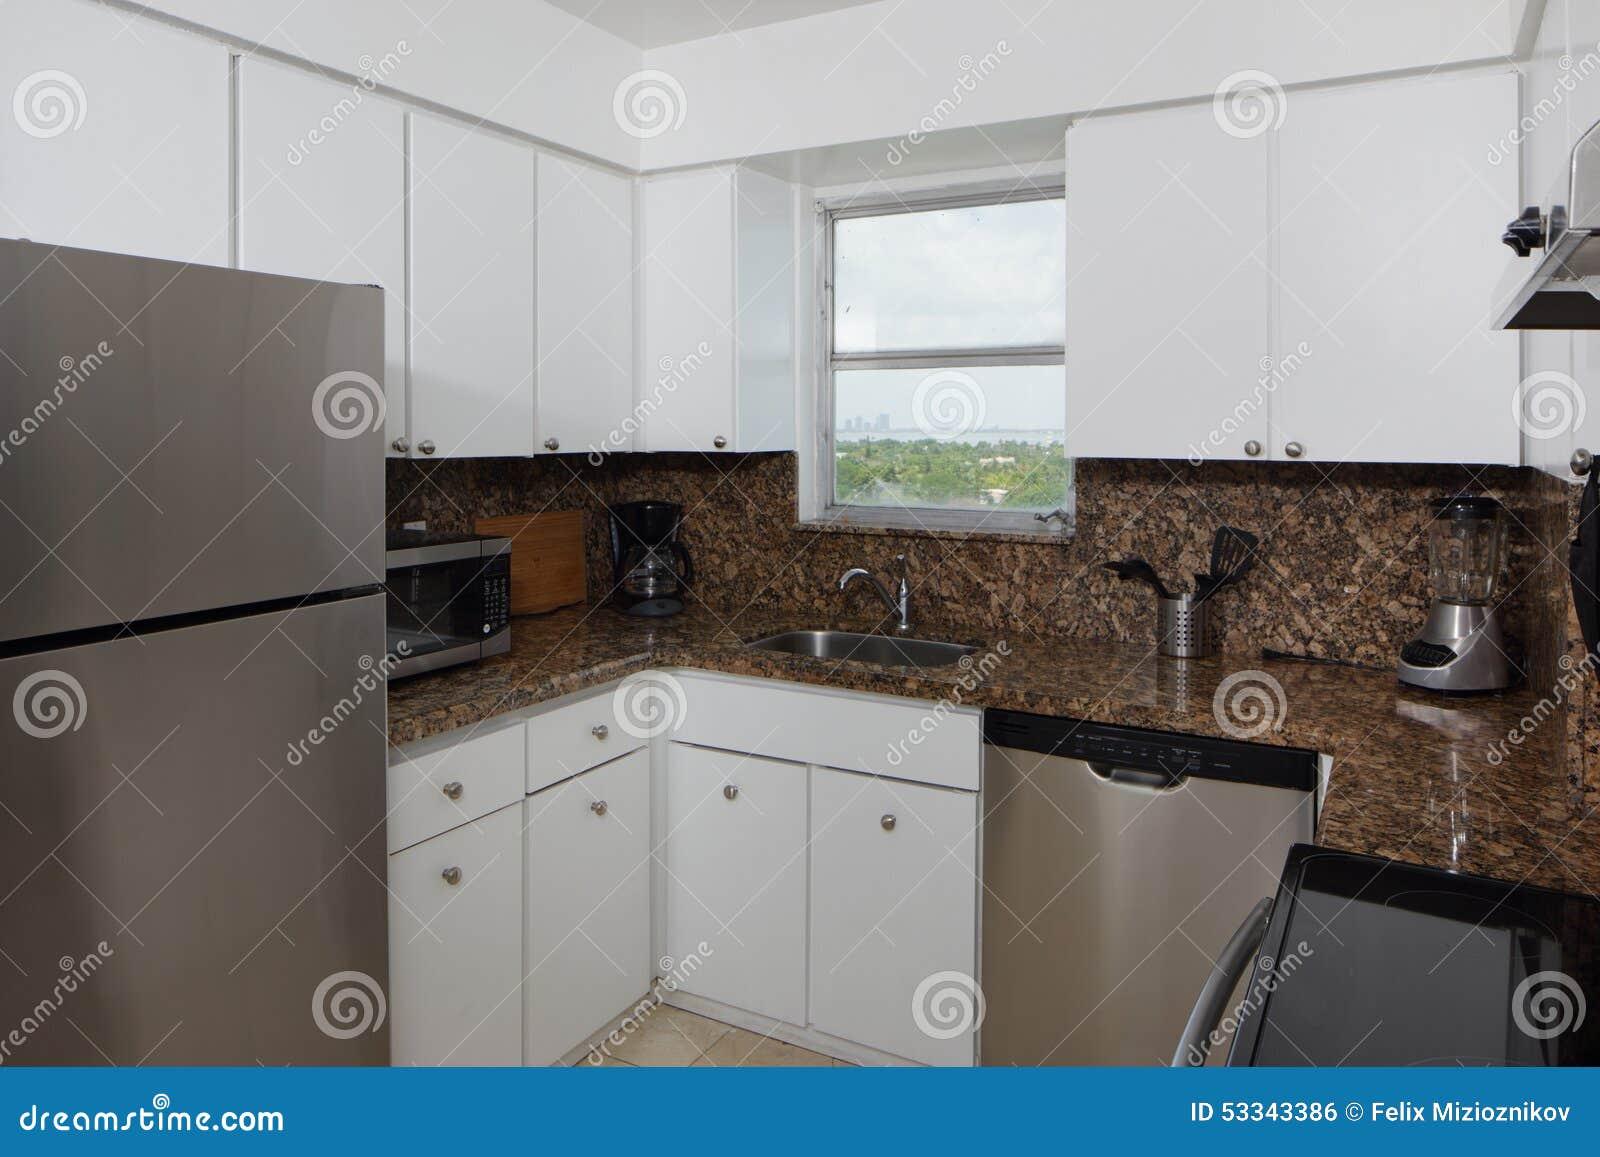 Idee kleine keuken for Kleine keukens fotos